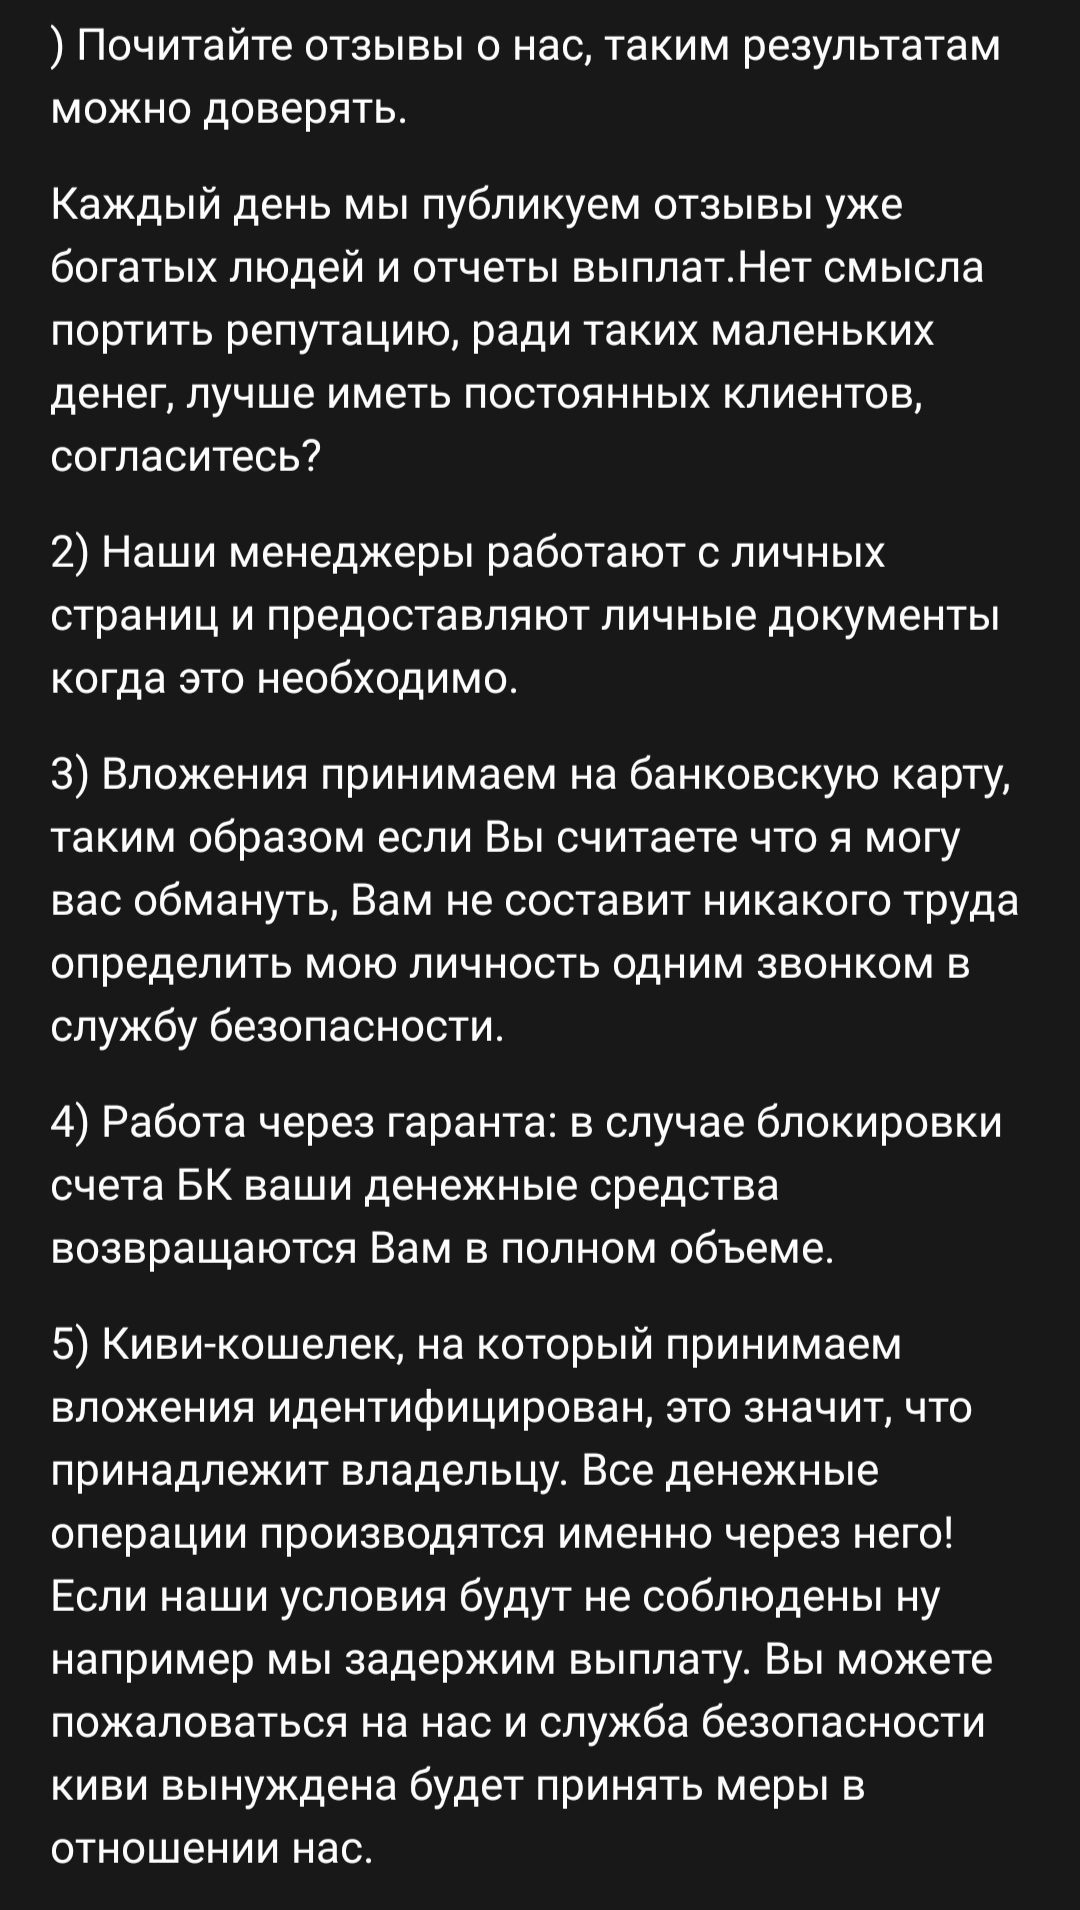 Как работает Артём Попков